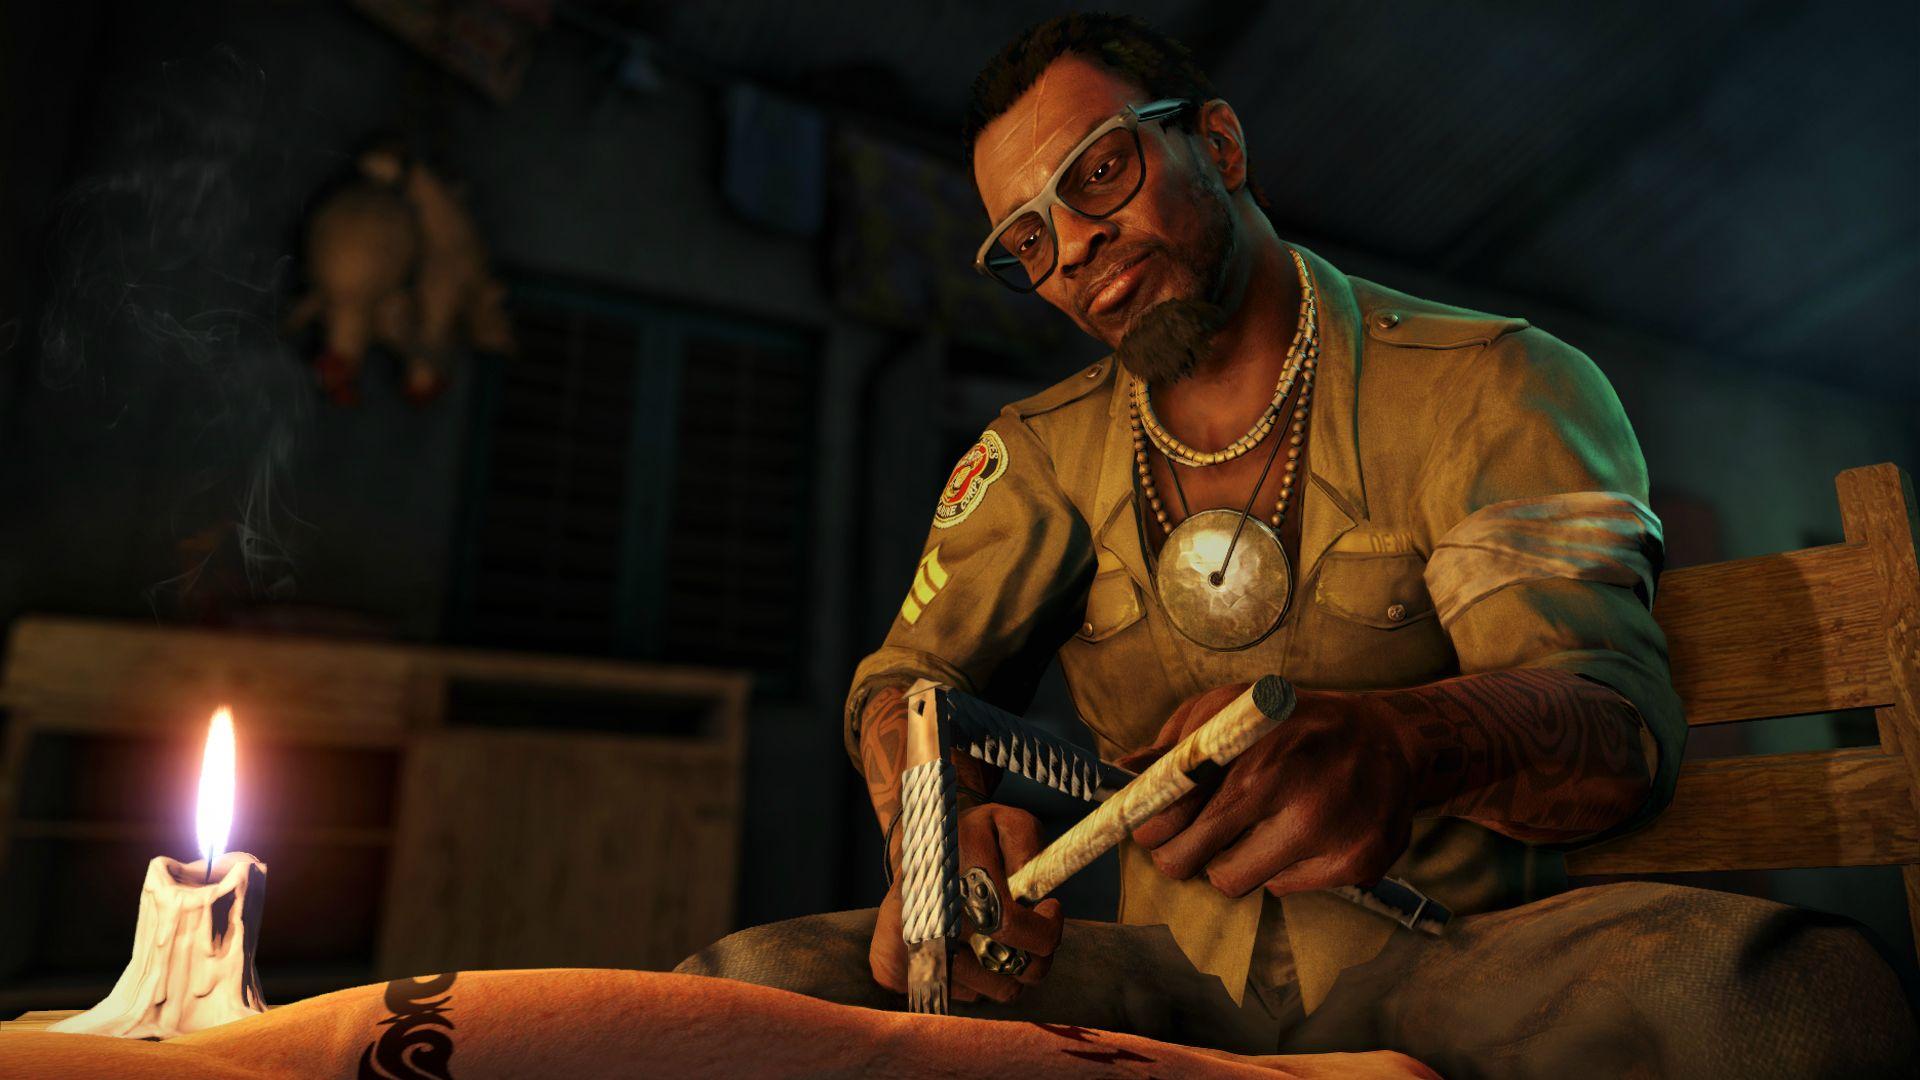 Nové obrázky z Far Cry 3 71257